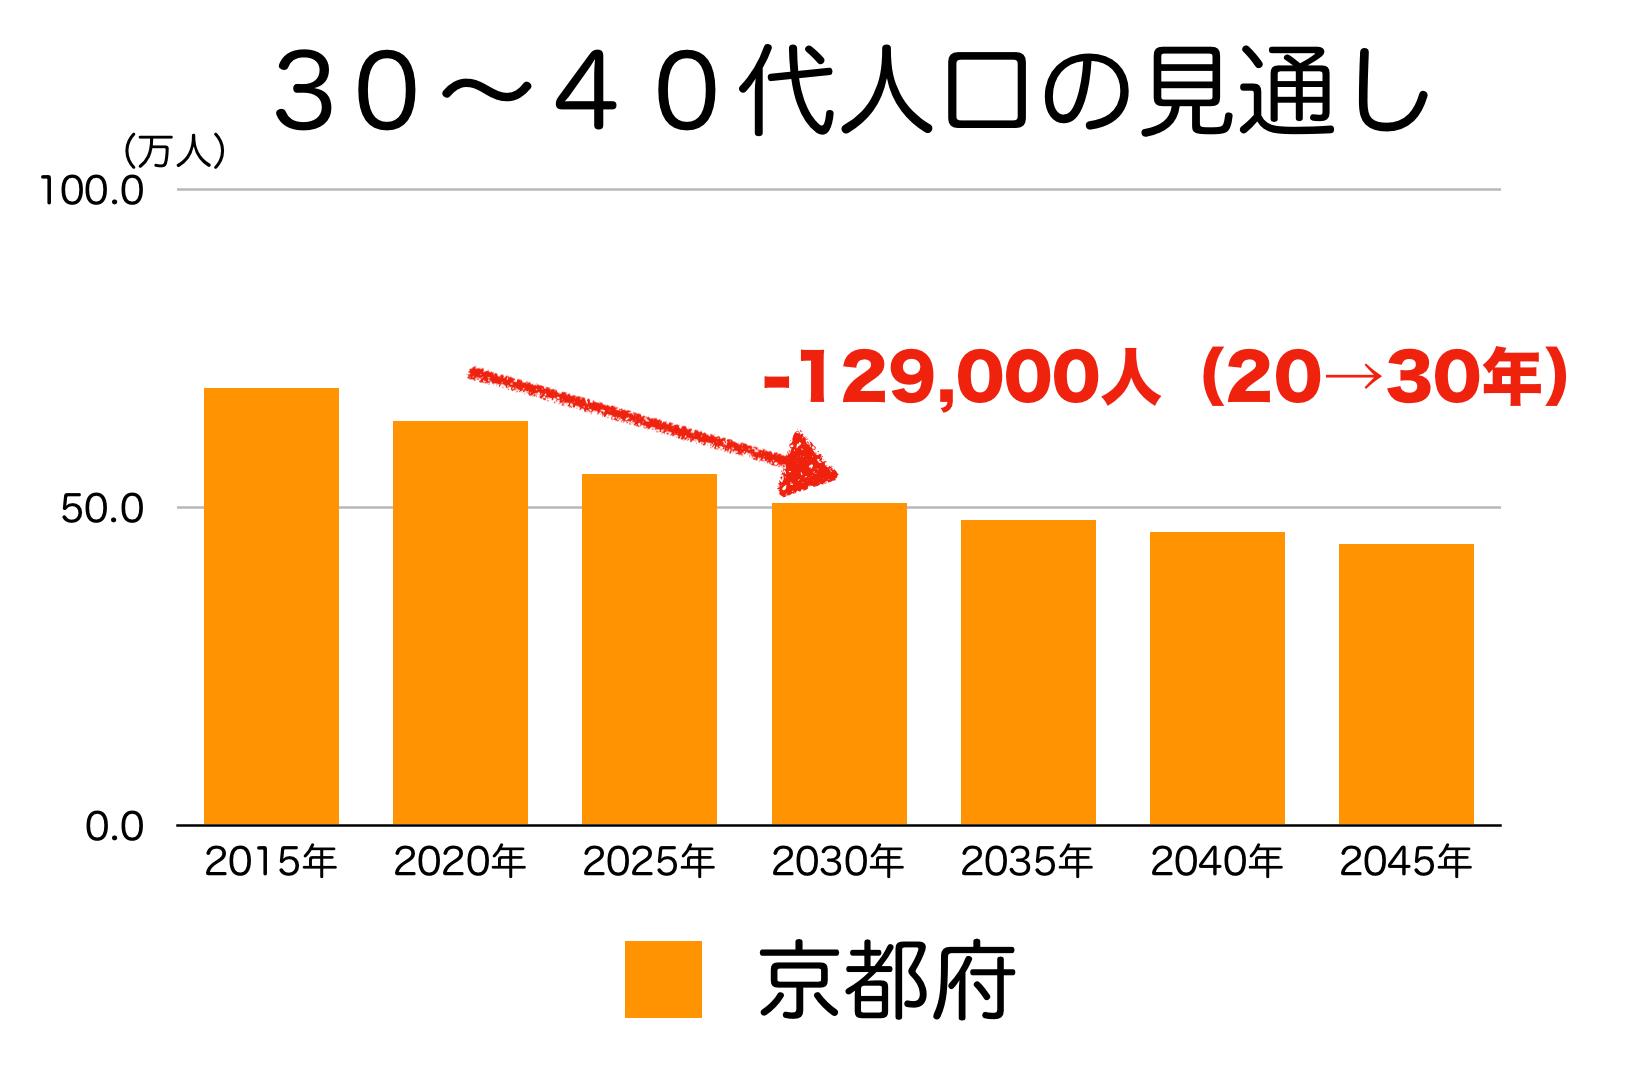 京都府の30〜40代人口の予測